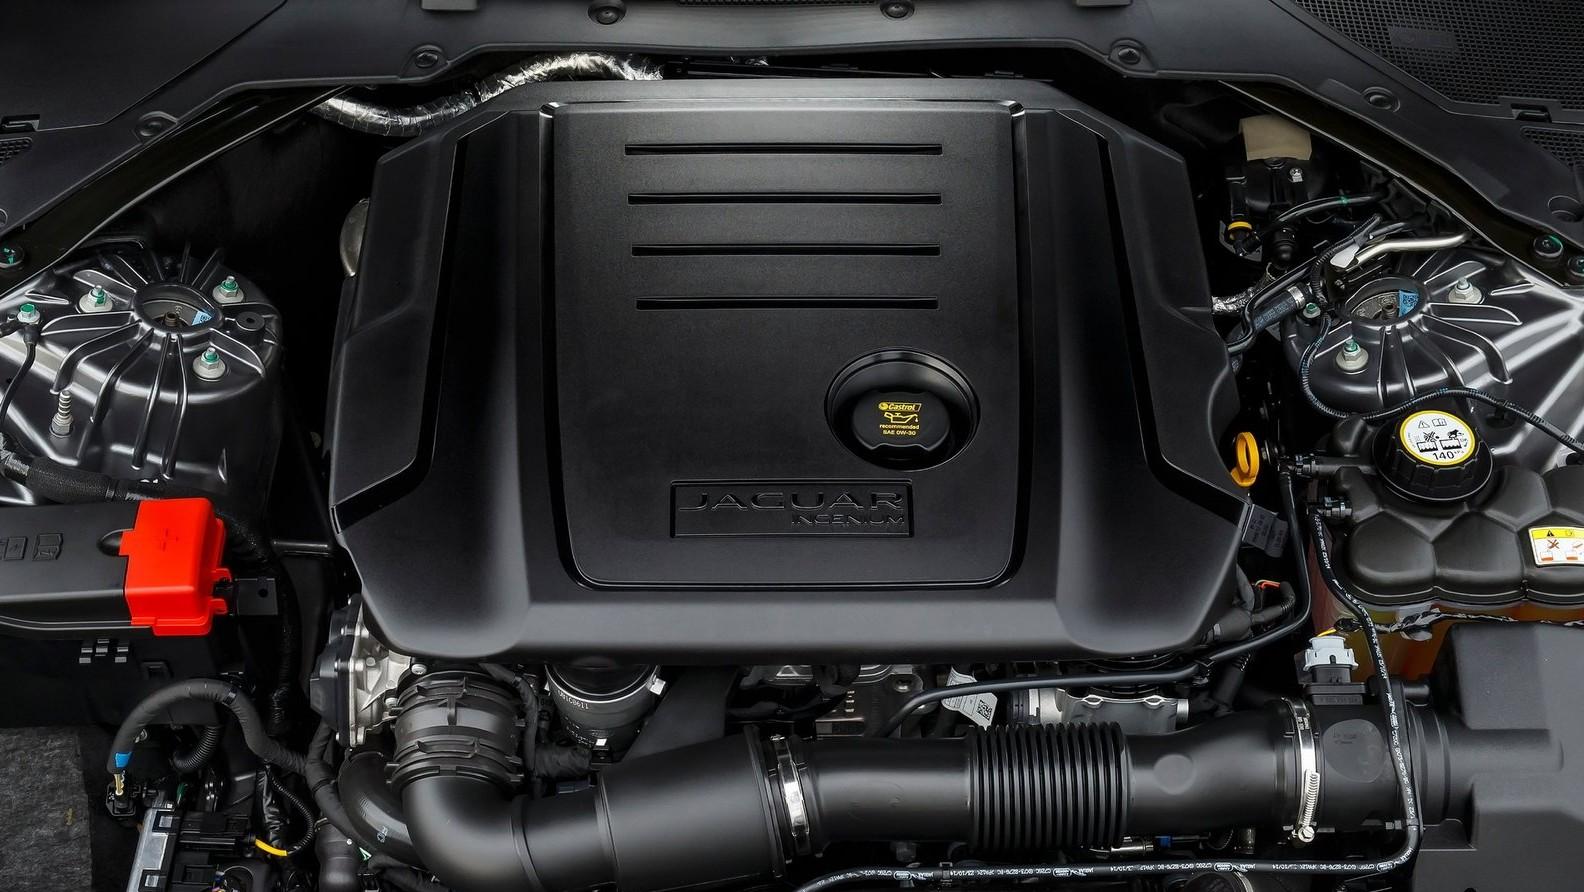 Jaguar Ingenium Four-Cylinder